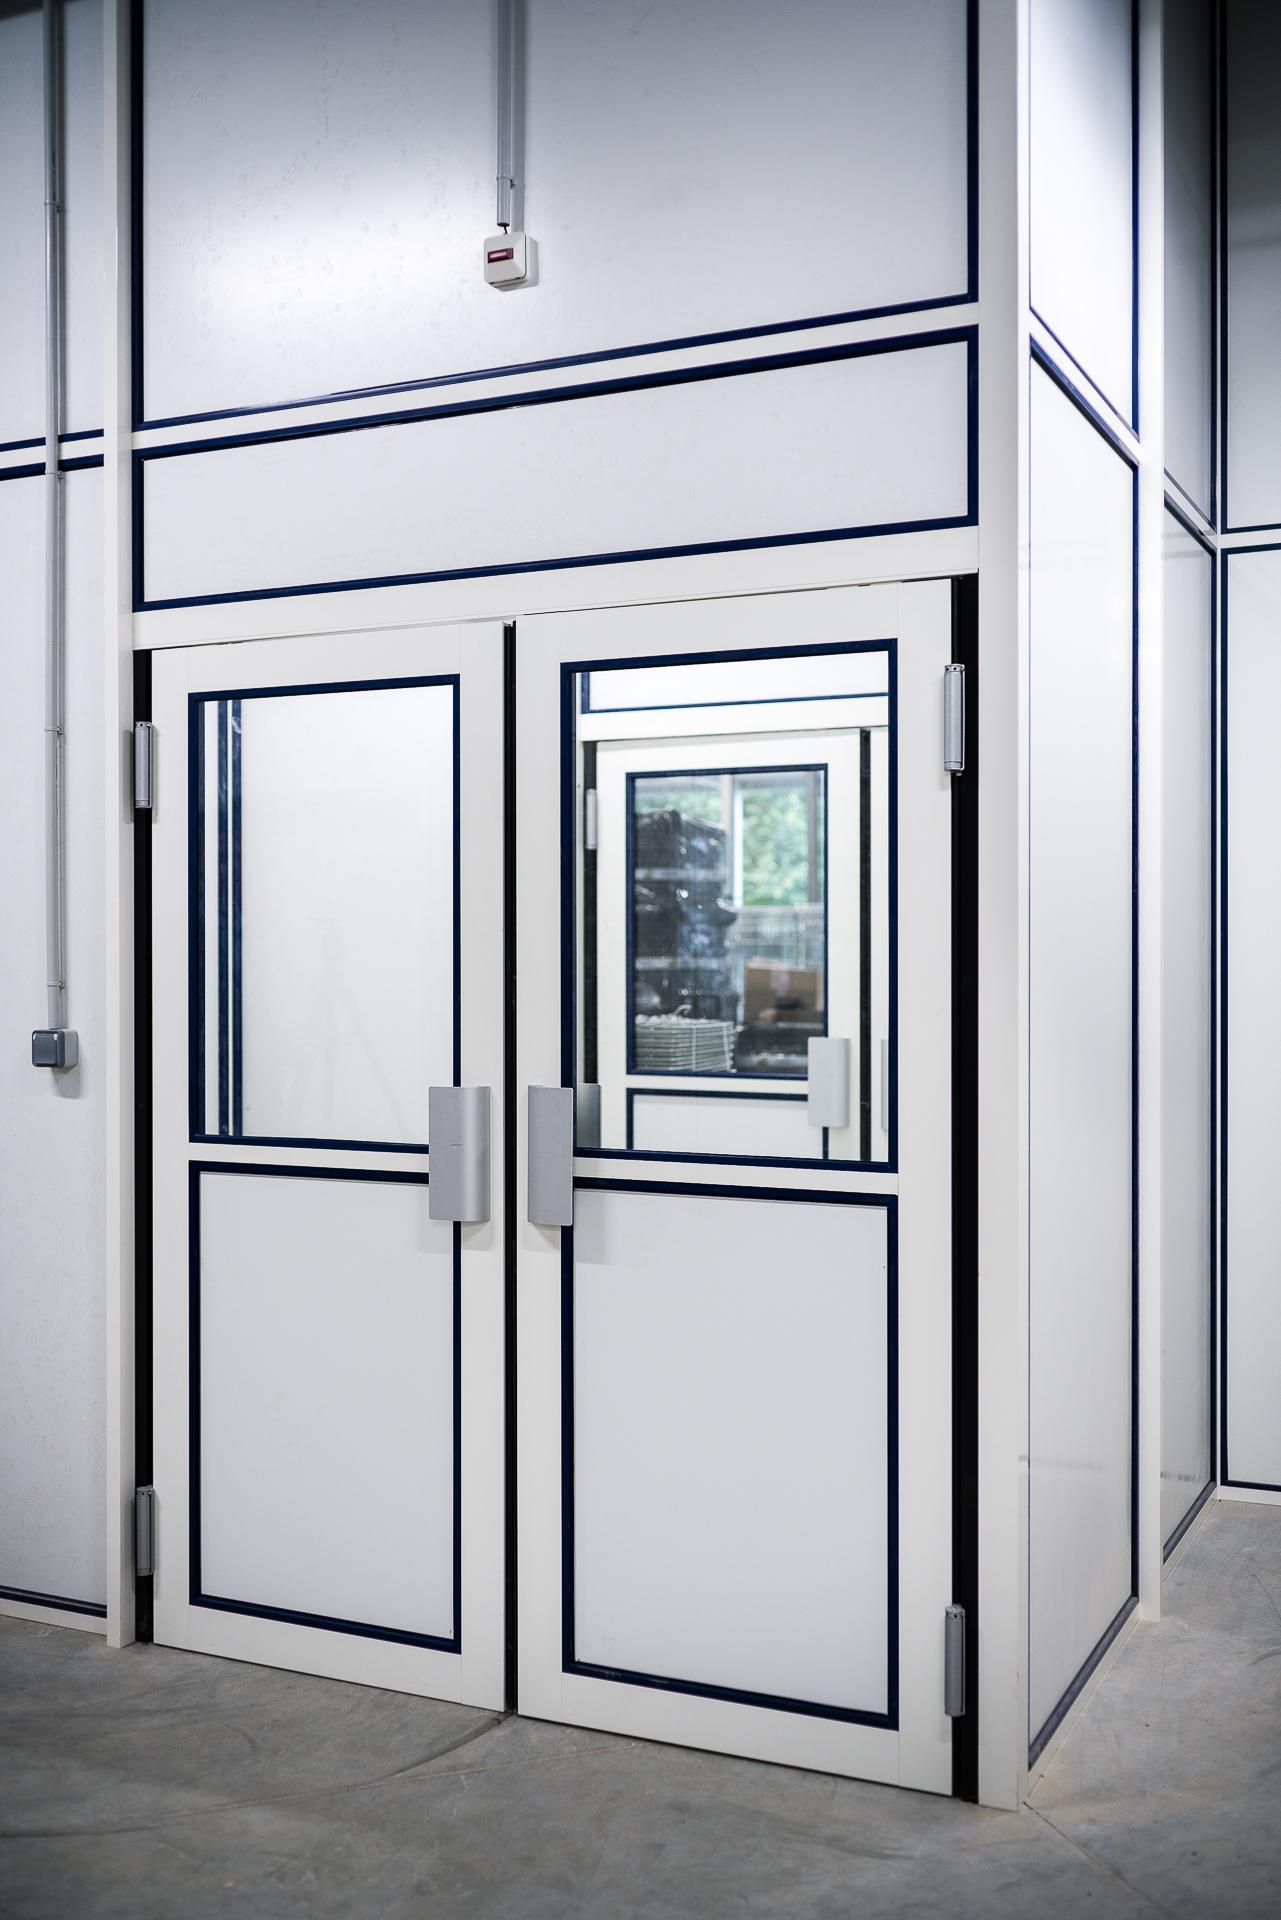 Portes pour cloisons amovibles en bois verre aluminium nancy metz clozal for Porte aluminium